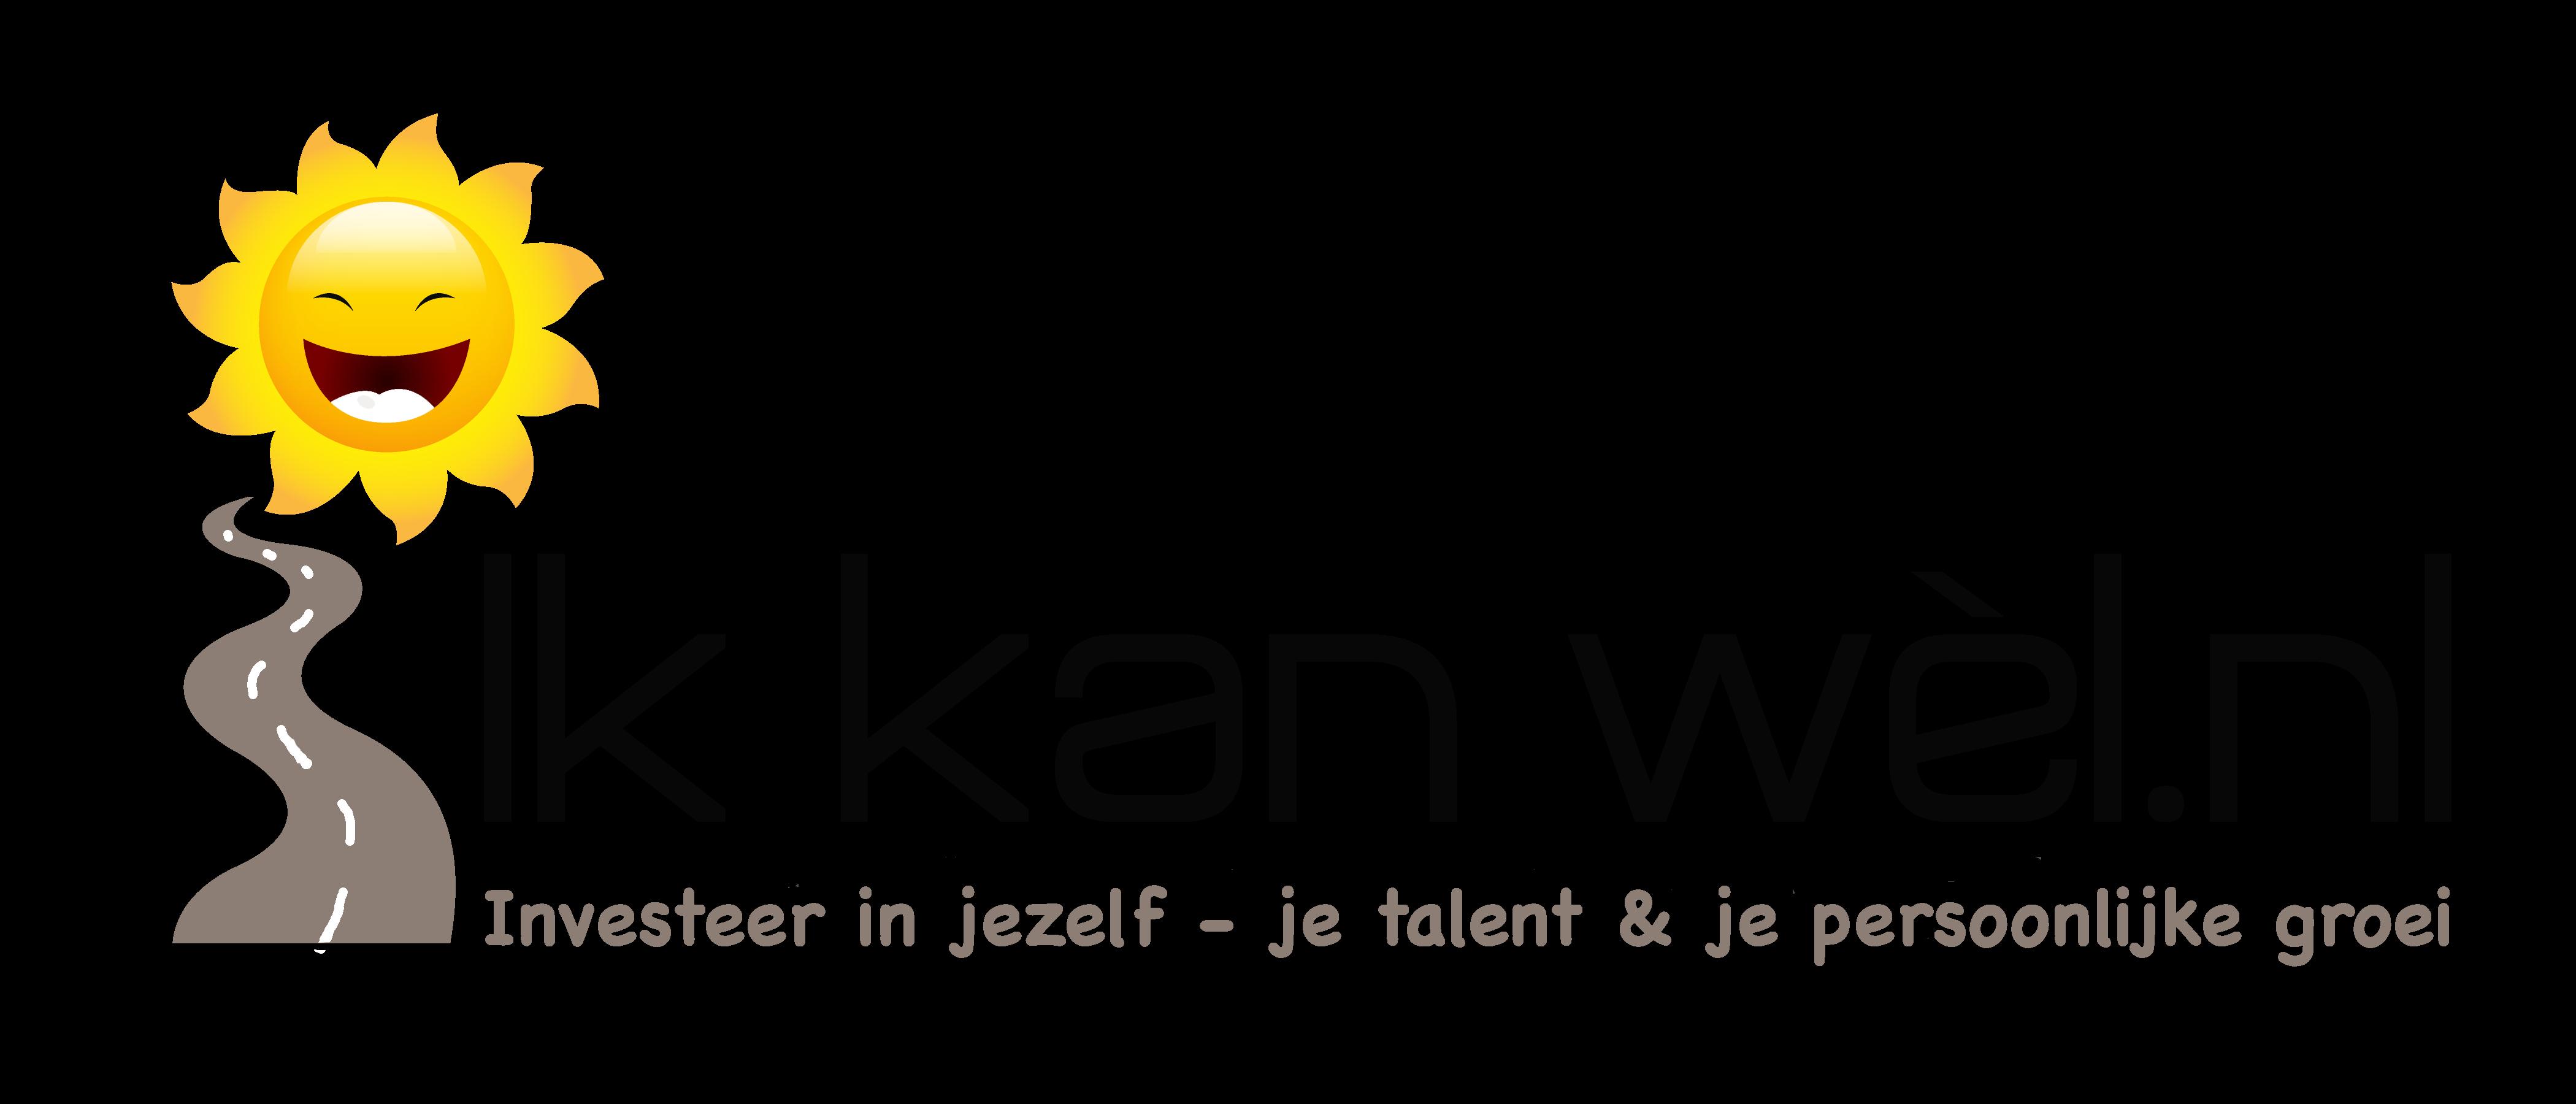 Ikkanwel.nl - Petra Brijder